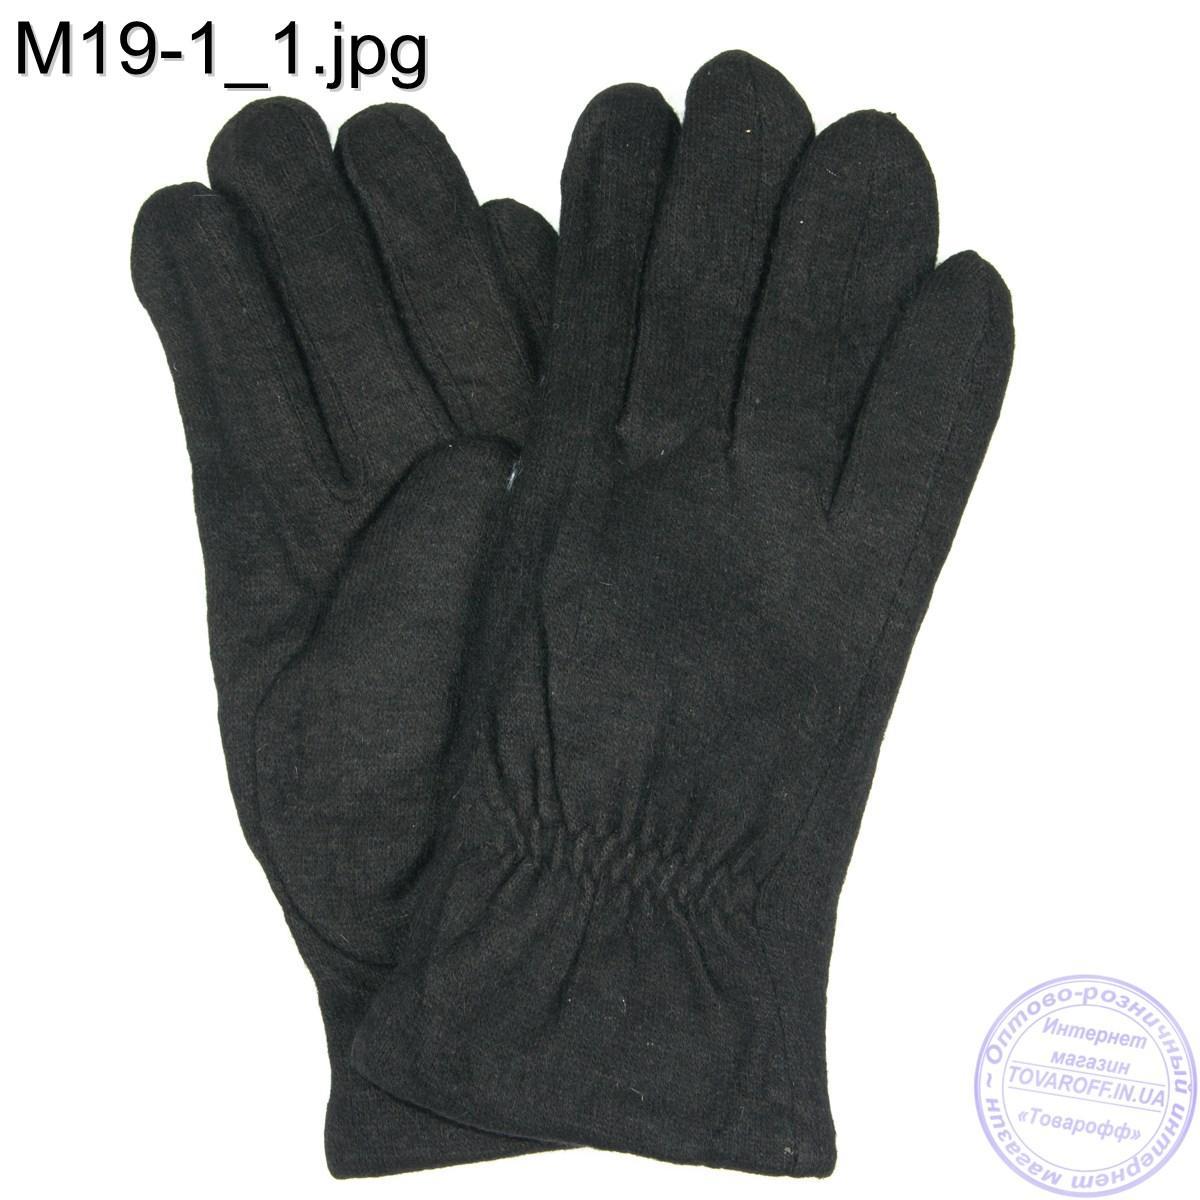 Оптом мужские кашемировые перчатки с махровым утеплителем - M19-1